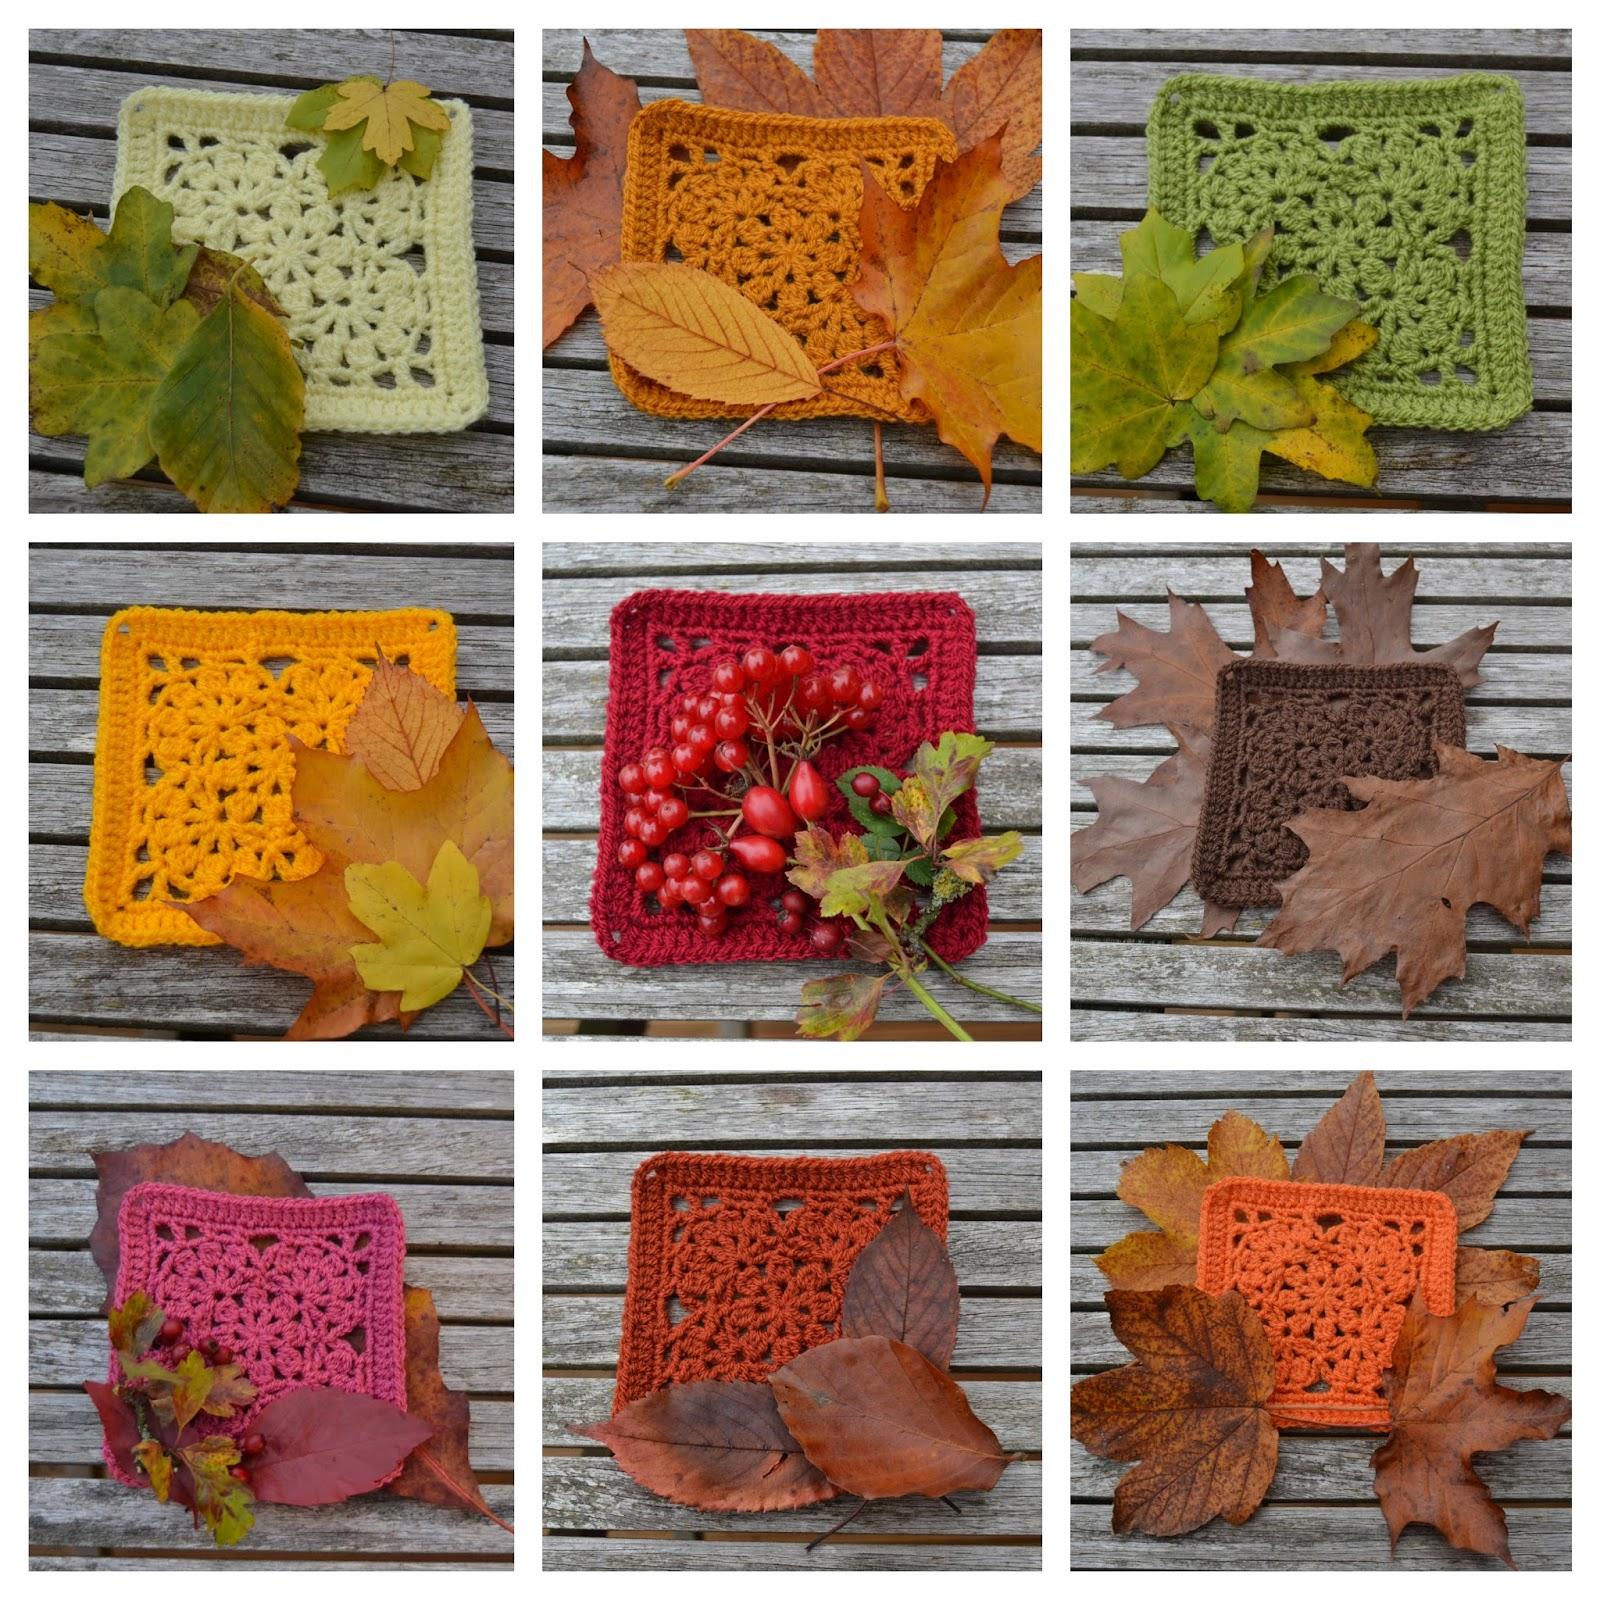 Atelier Marie Lucienne Autumn Stroll Herbstwanderung